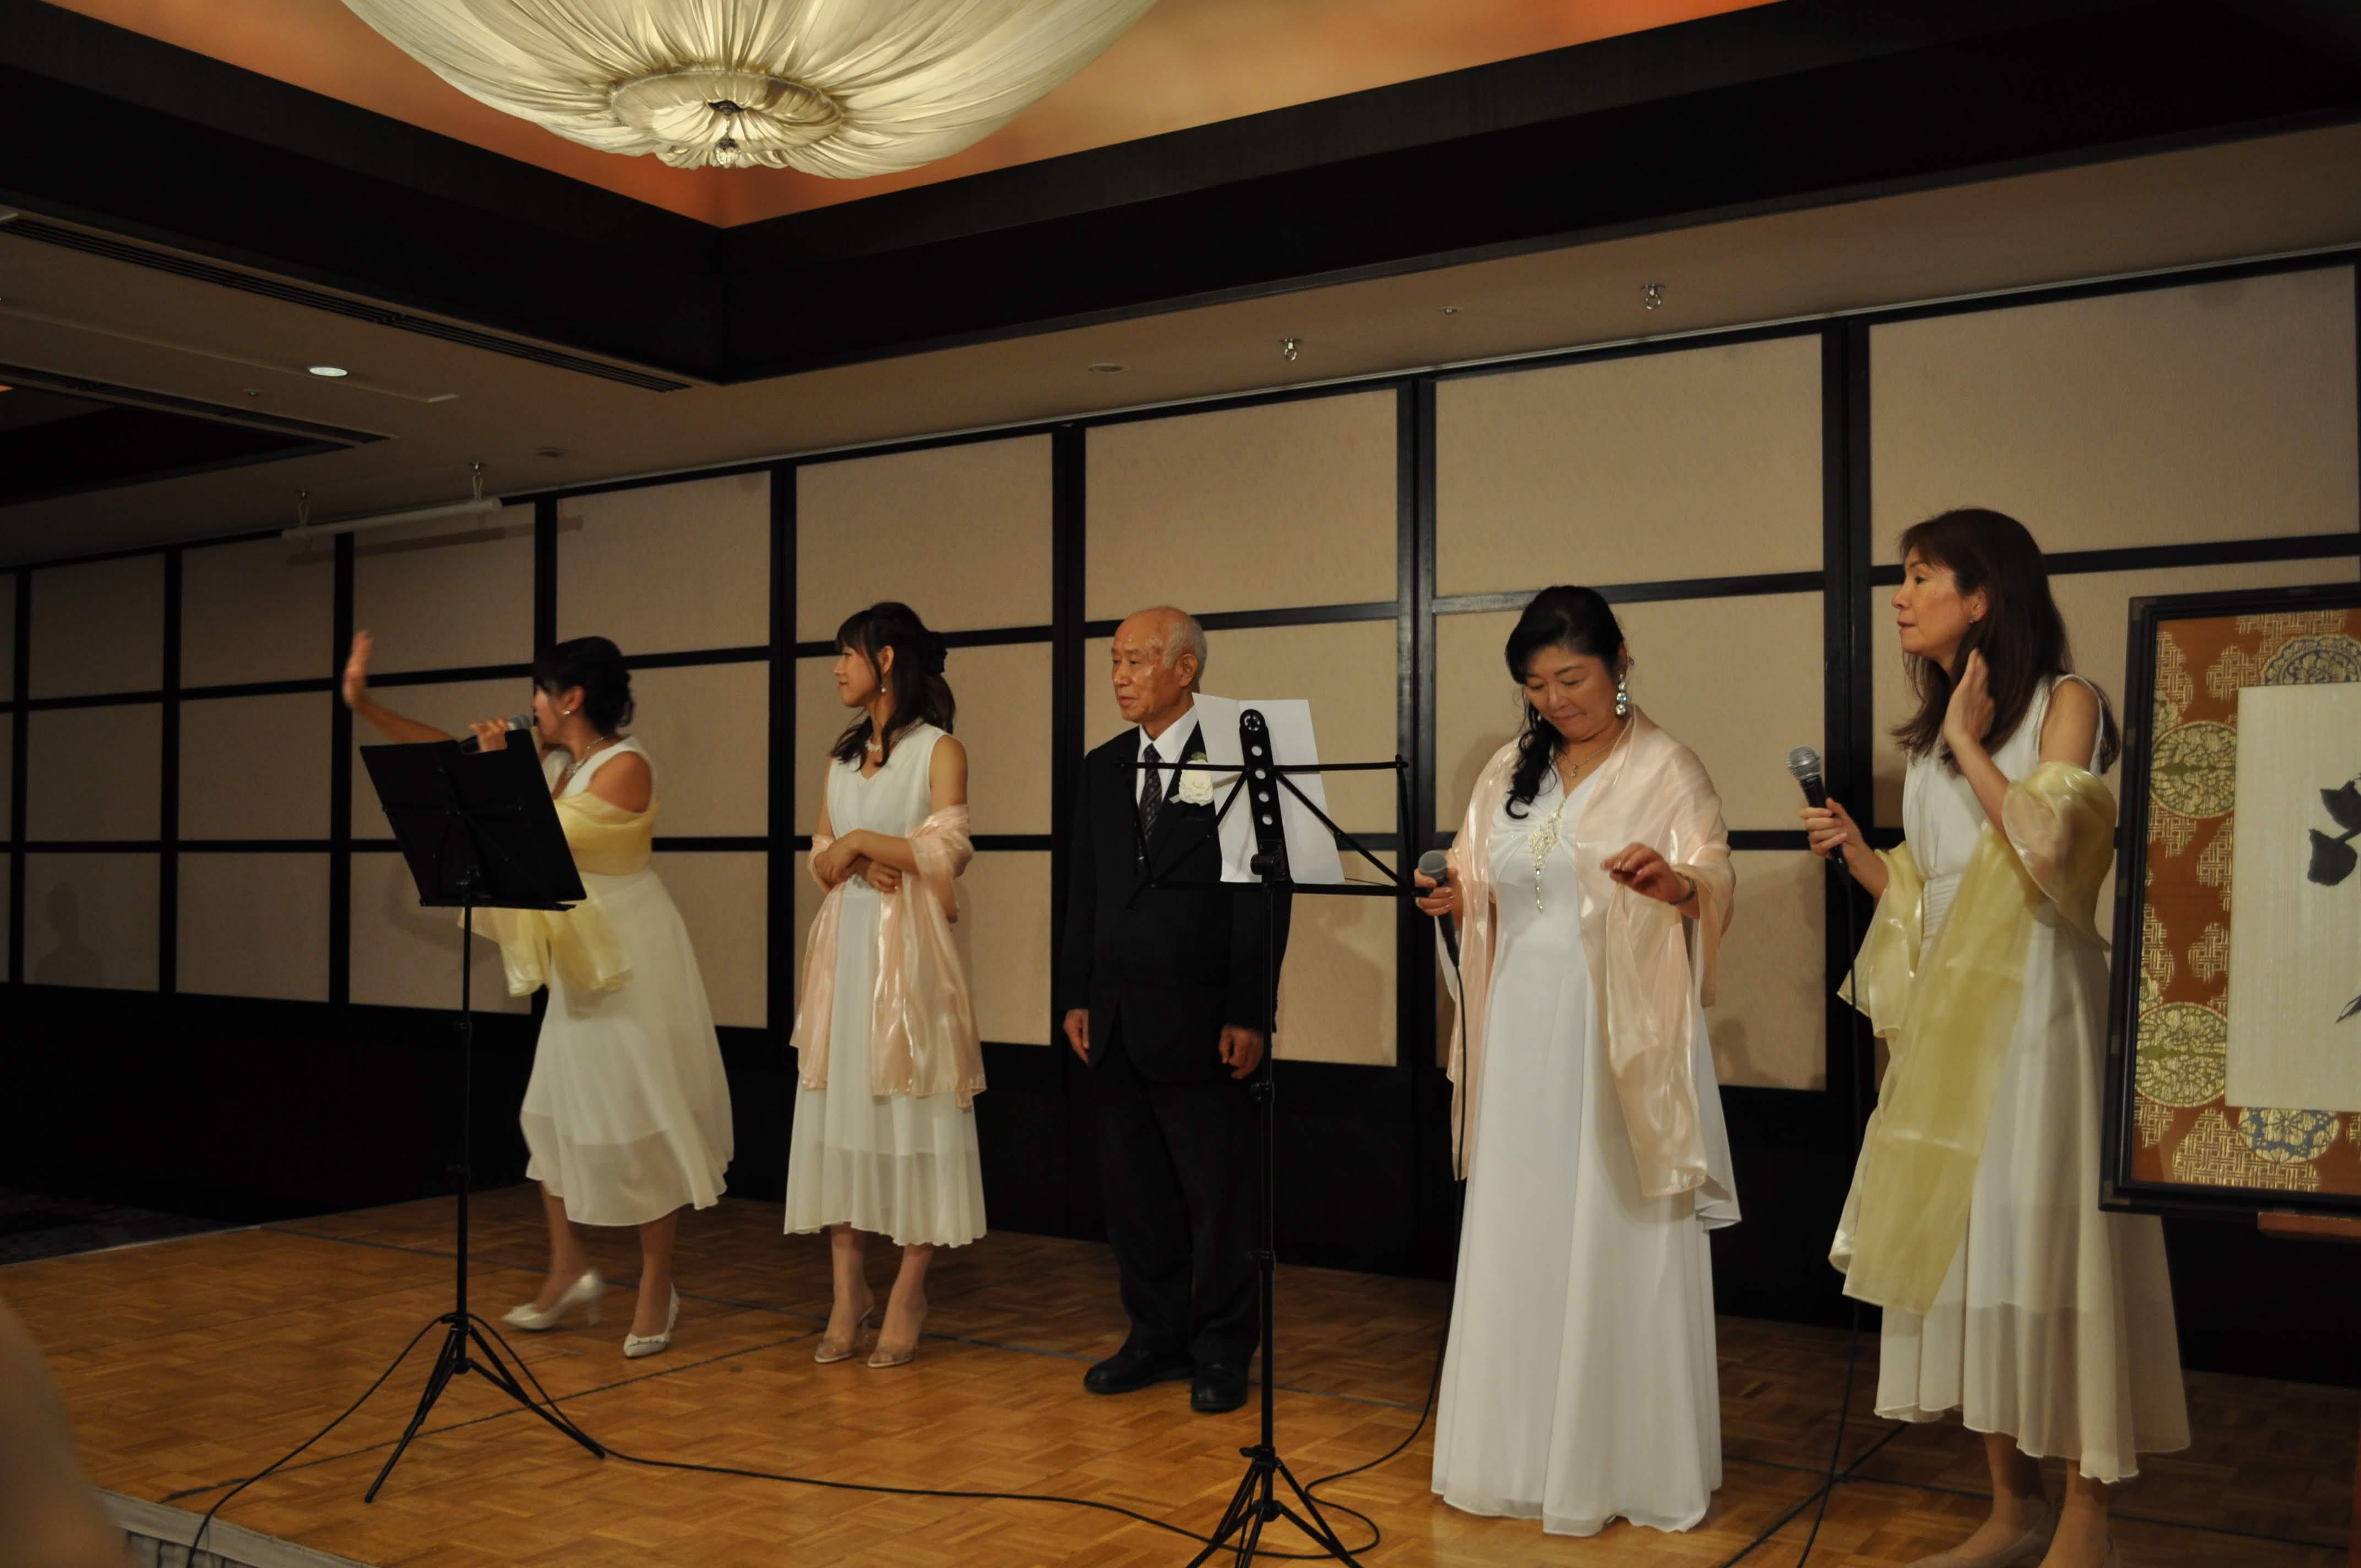 DSC 0512 1 - 思風会全国大会in広島